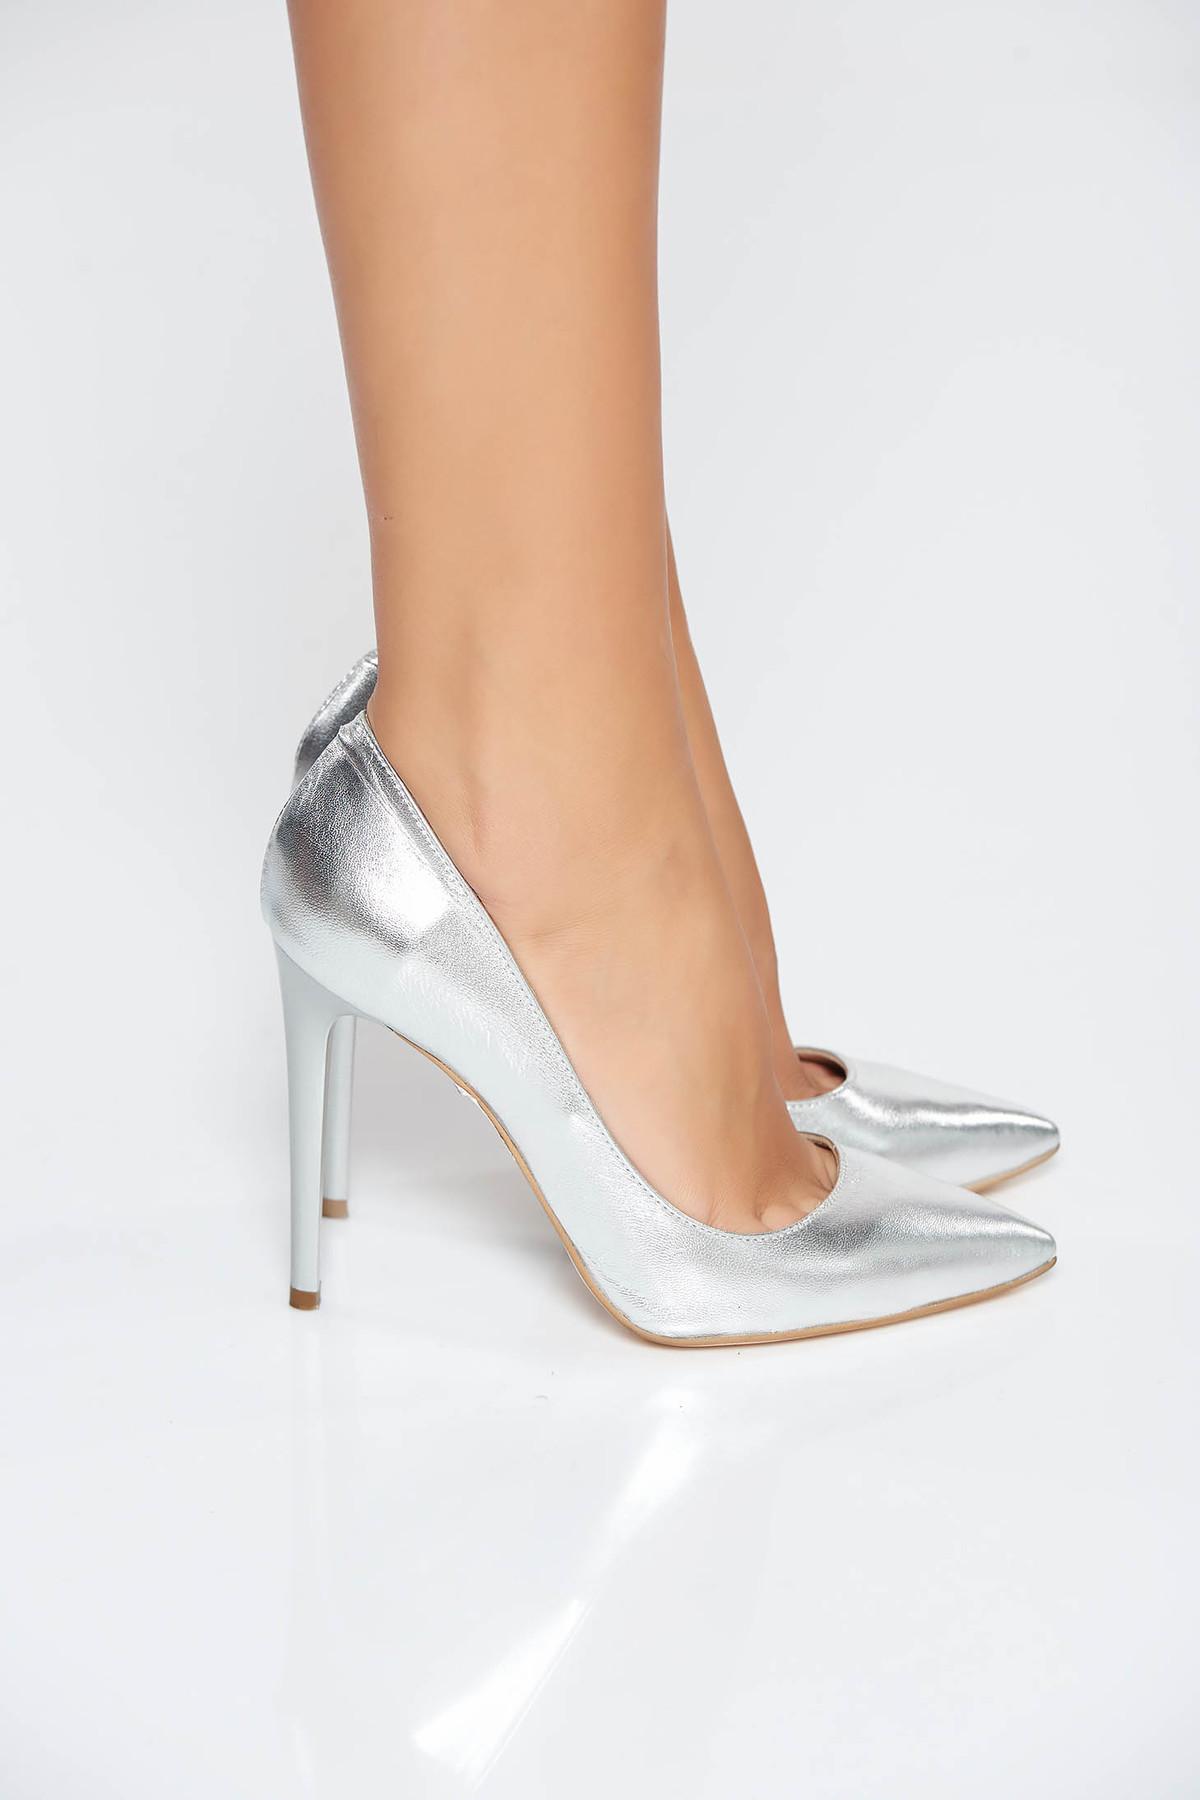 Pantofi stiletto argintii din piele naturala cu toc inalt cu varful usor ascutit